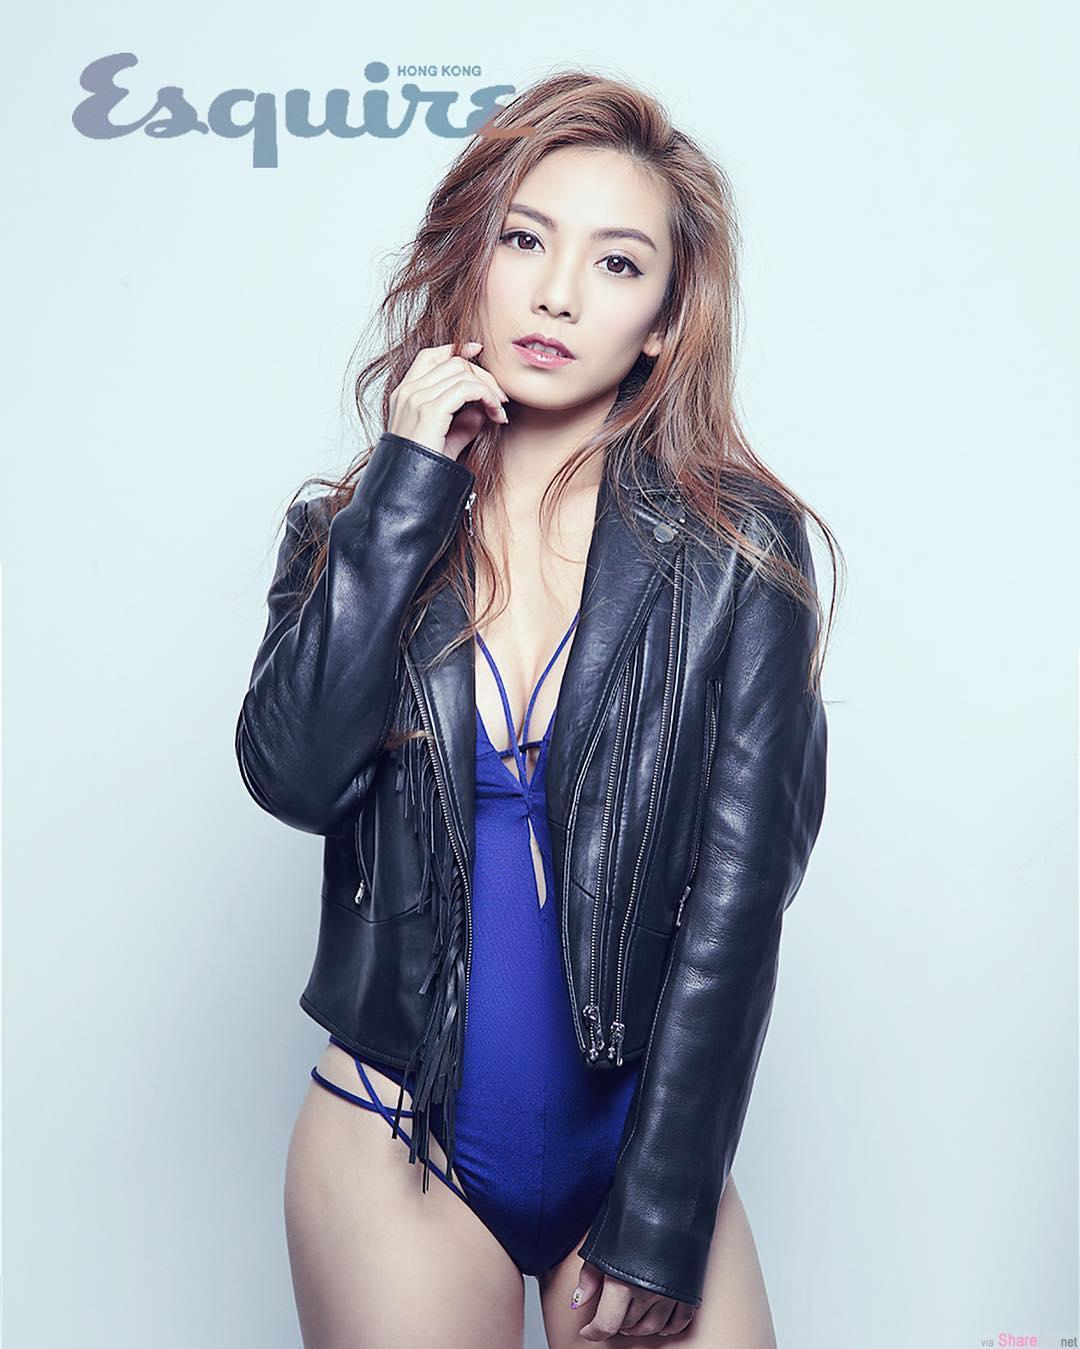 香港艺人邓洢玲 比坚尼大放送 完美S曲线让网友眼睛吃冰淇淋